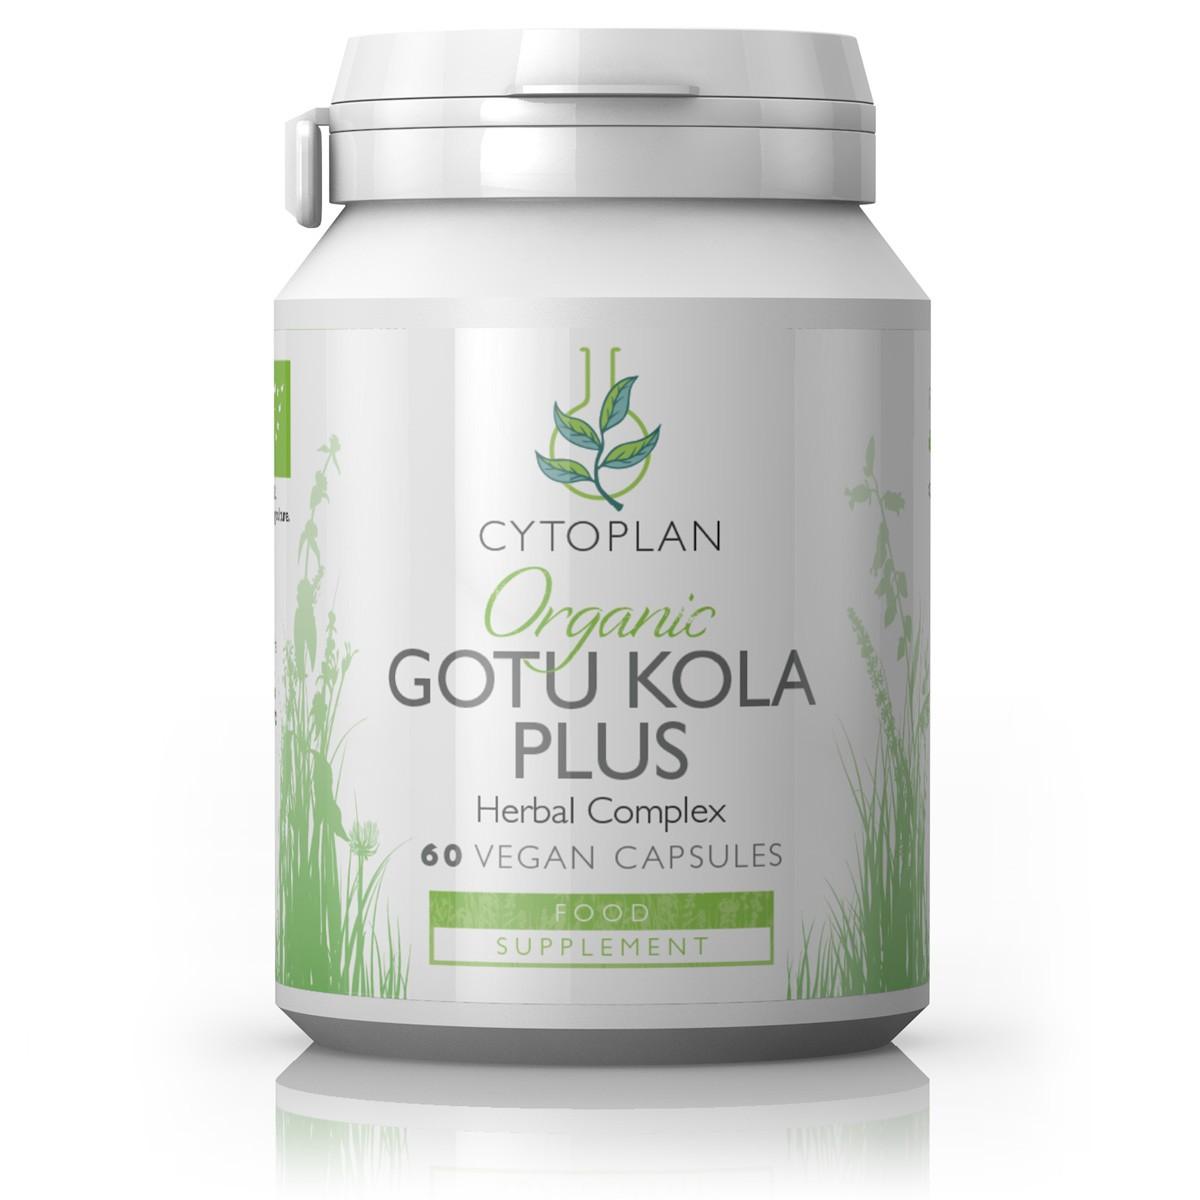 Cytoplan Organic Gotu Kola taimne segu, soodustab aju ja närvisüsteemi tegevust, 60 kapslit